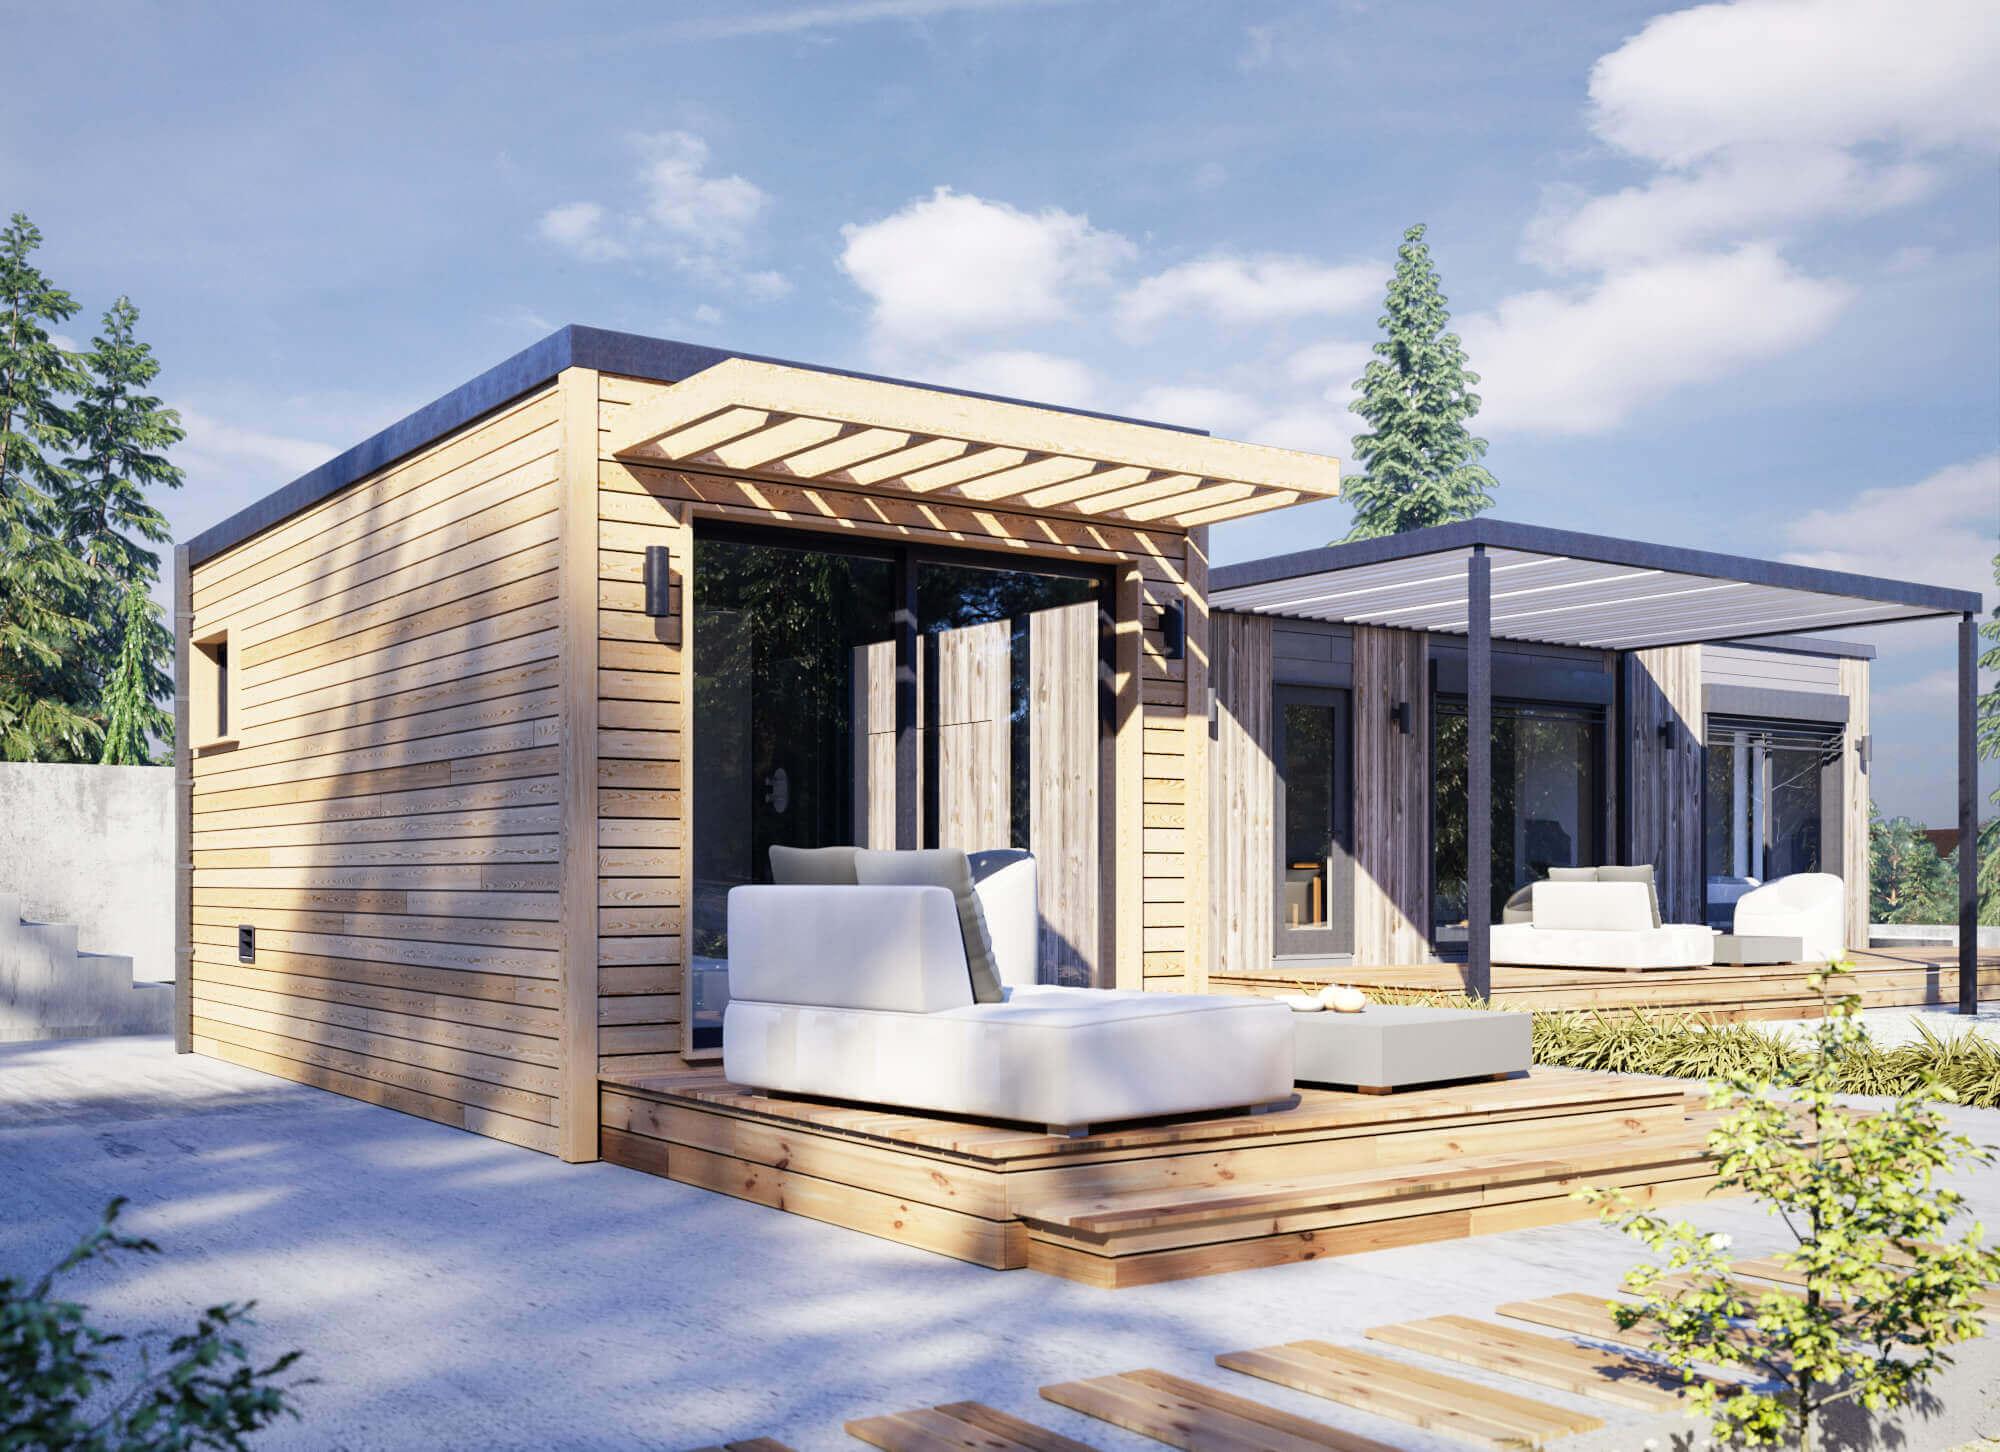 Modulares Bauen Preise : modulhaus anbieter quadrin modulares bauen mit system ~ Watch28wear.com Haus und Dekorationen